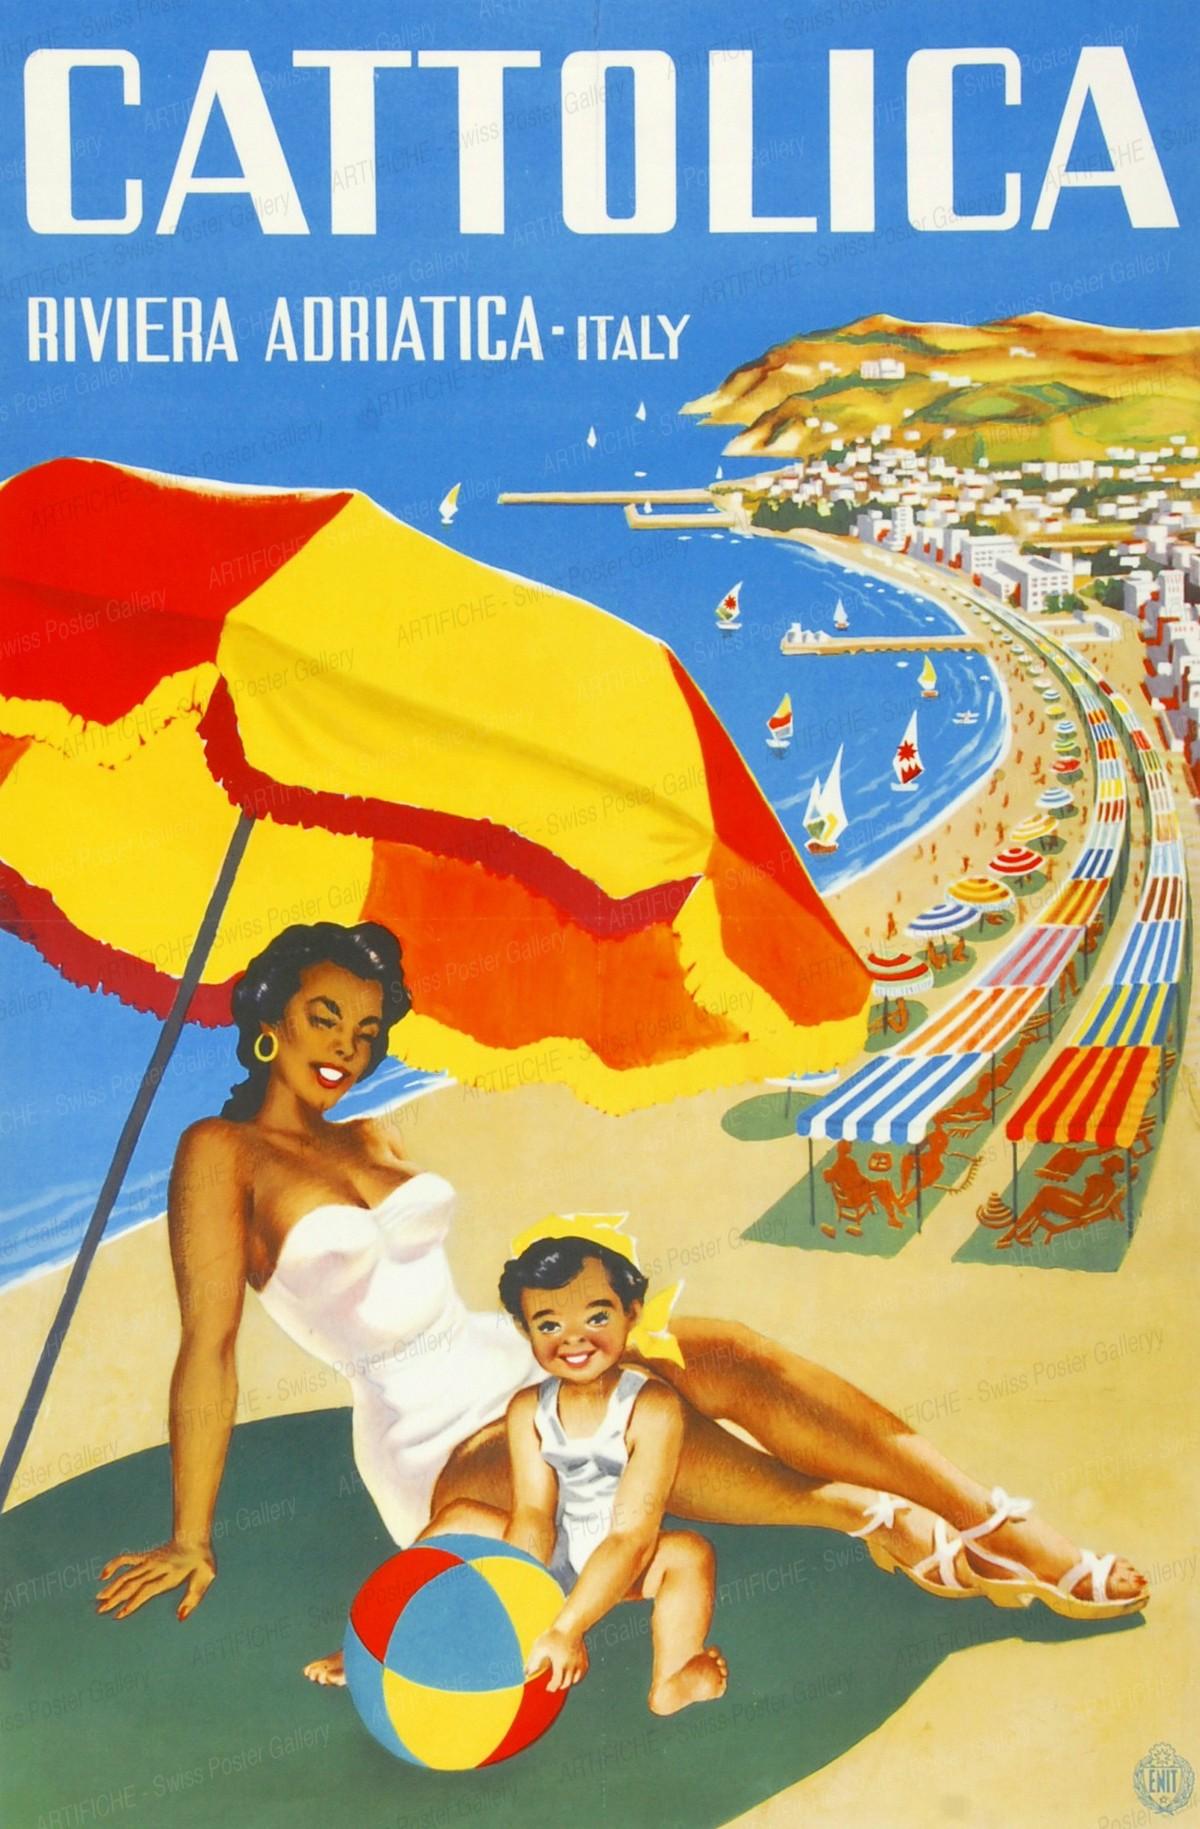 CATTOLICA Riviera ADRIATICO, Artist unknown